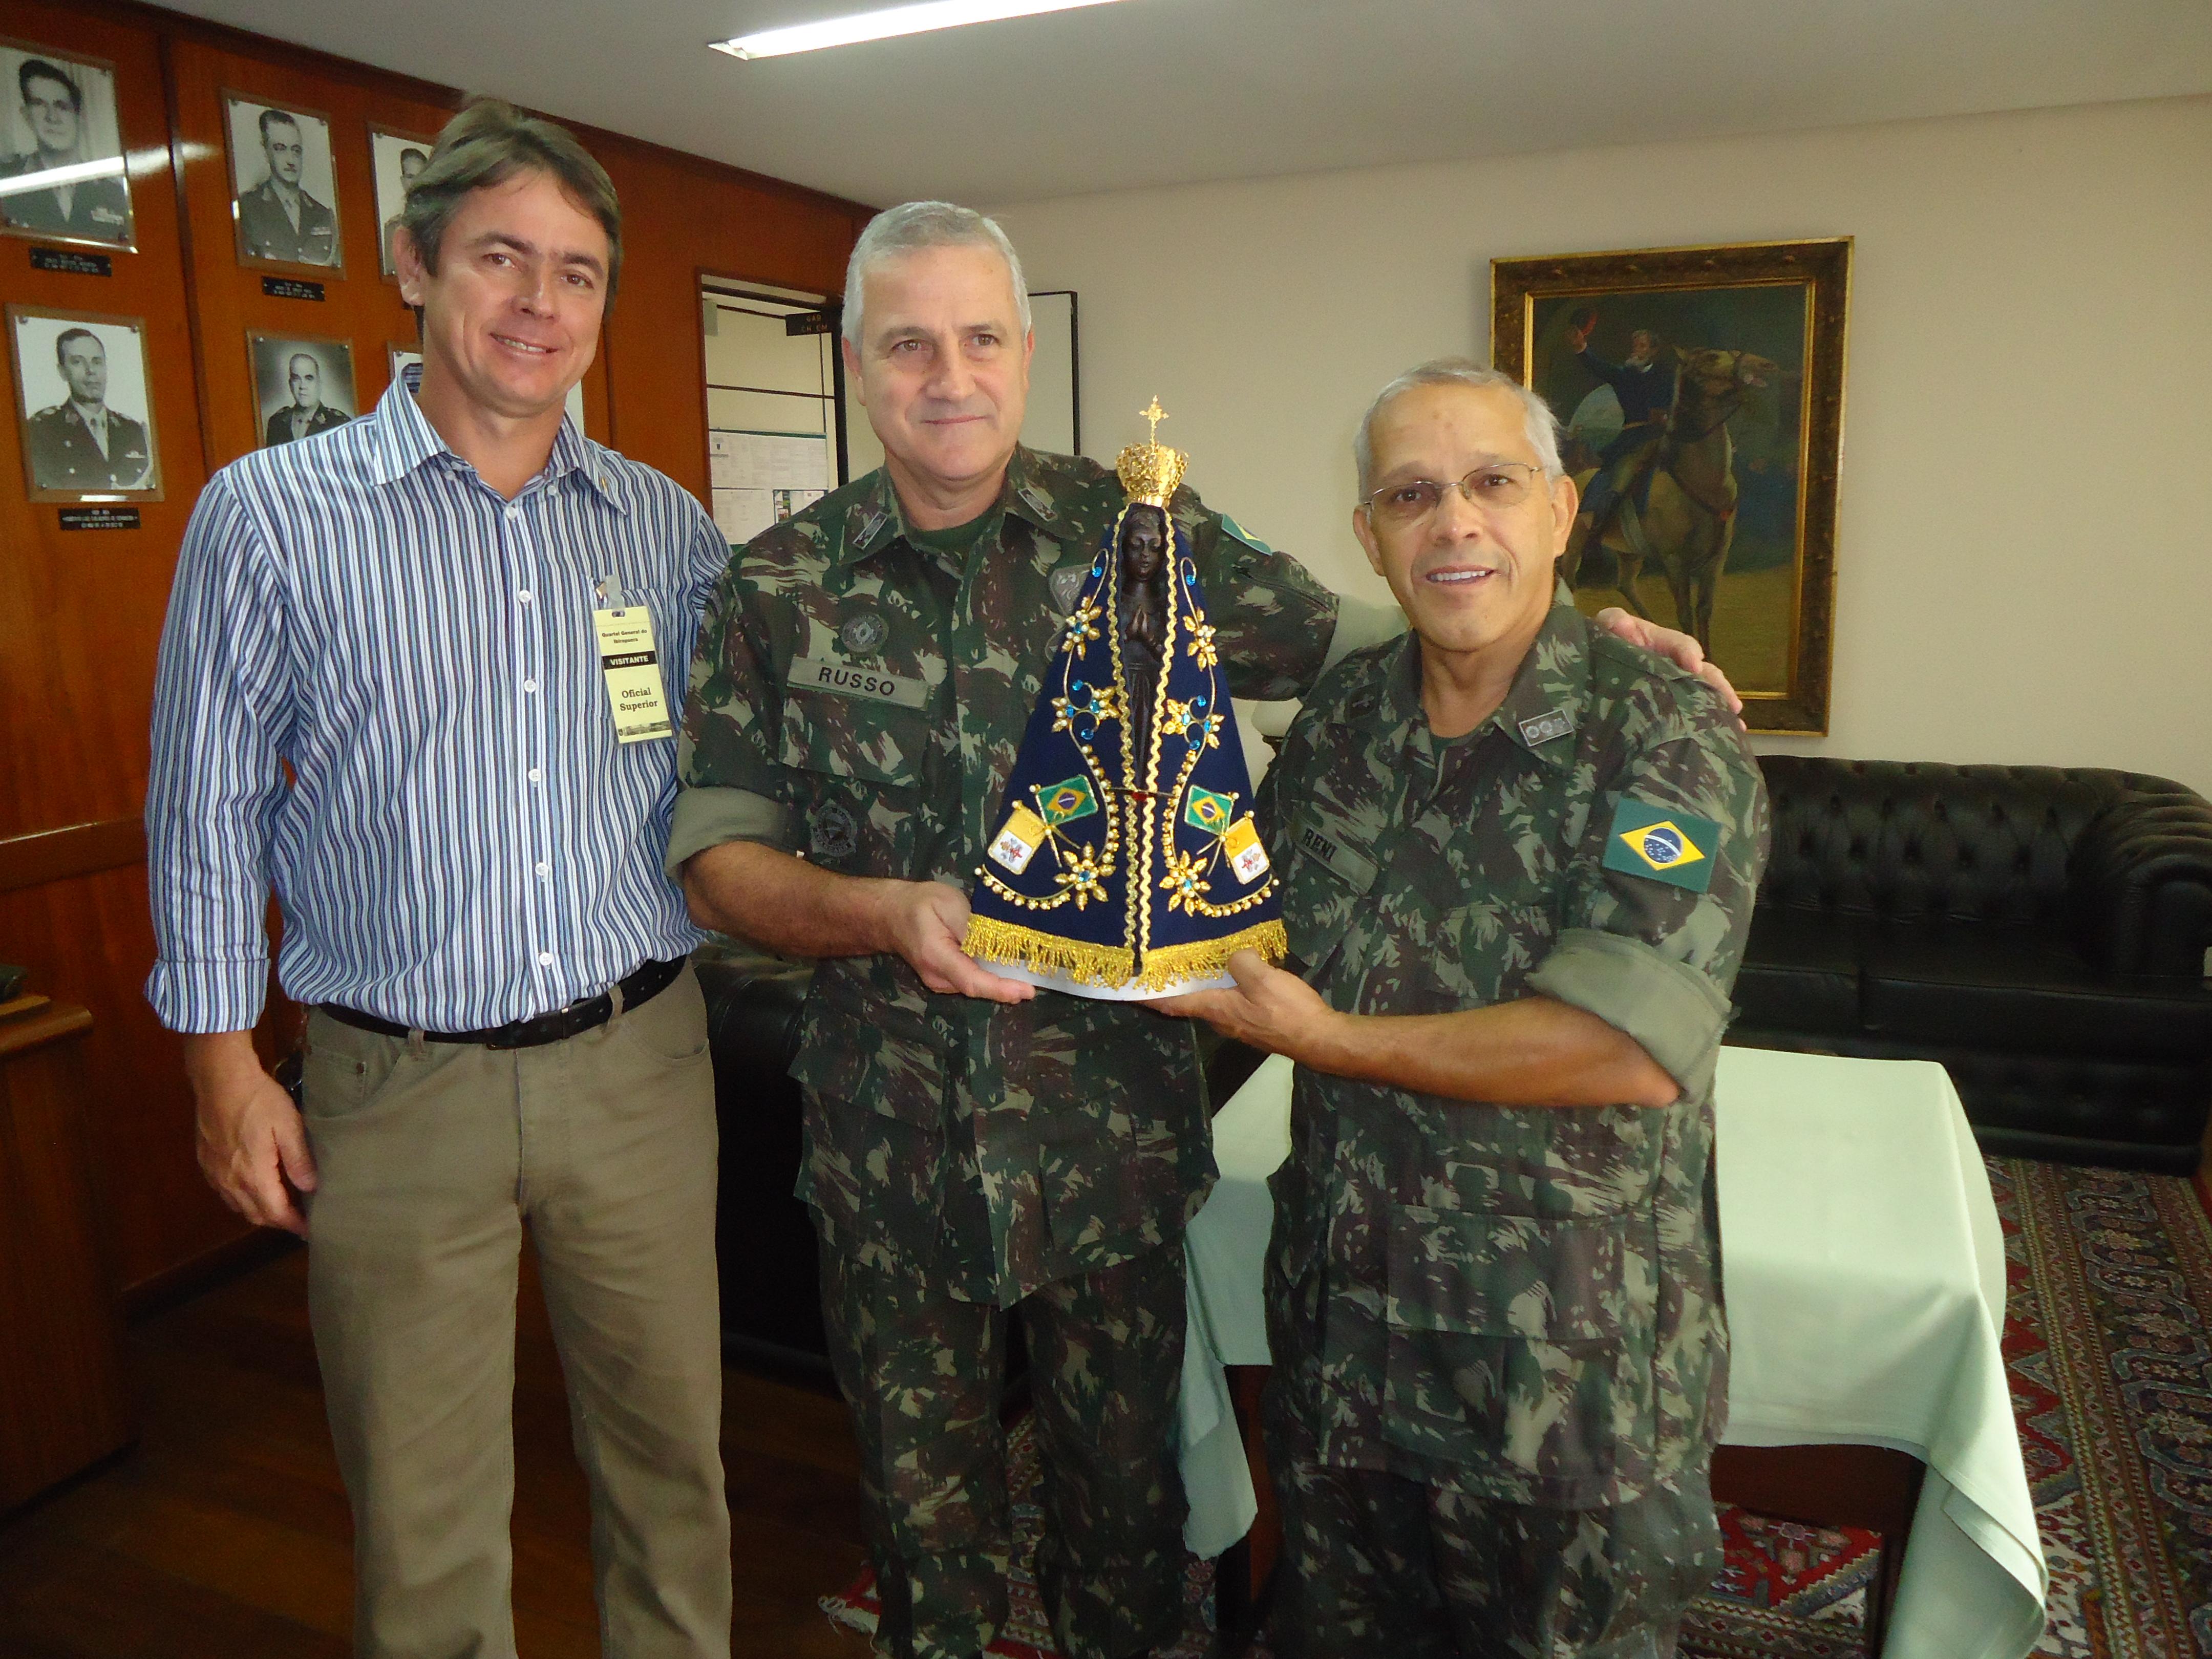 Homenagem recebida pelo General Russo e o Cel. Reni Nogueira - Exercito Brasileiro